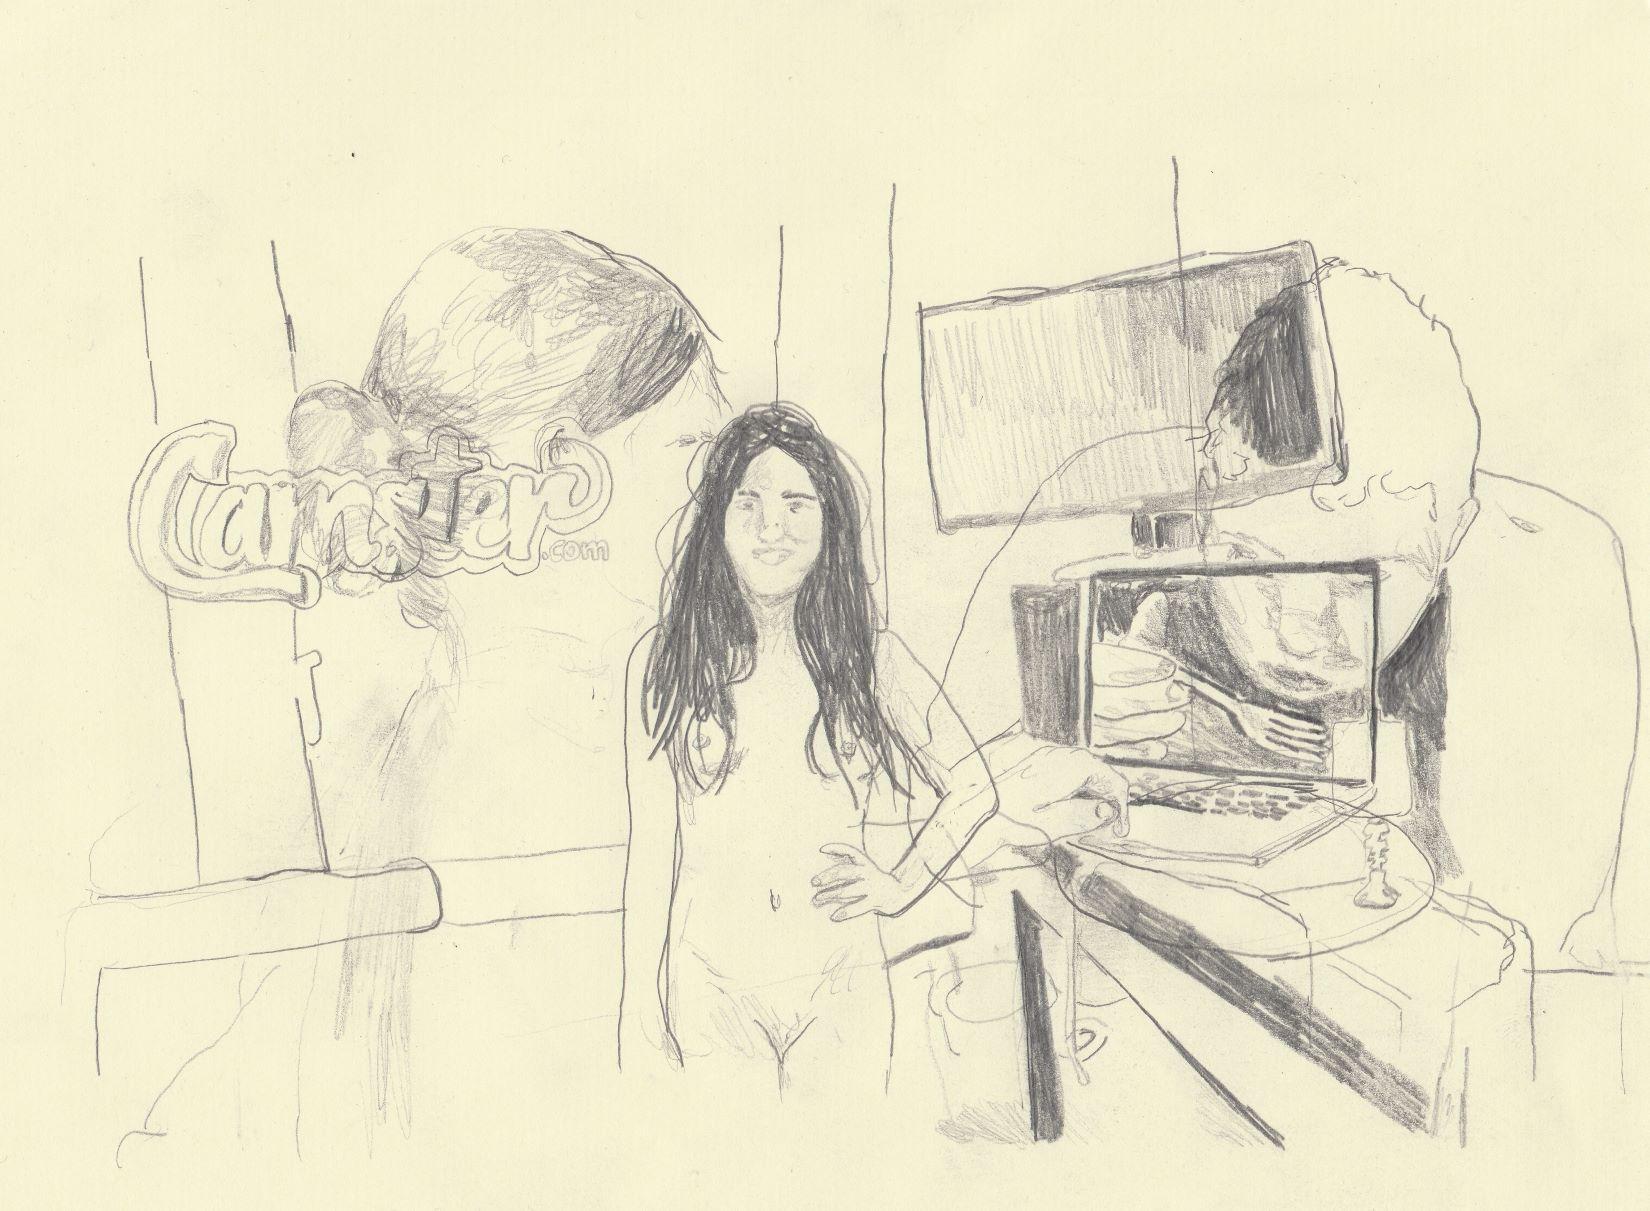 מיה פרי, קאמסטר.קום,  גרפיט על נייר, 2018